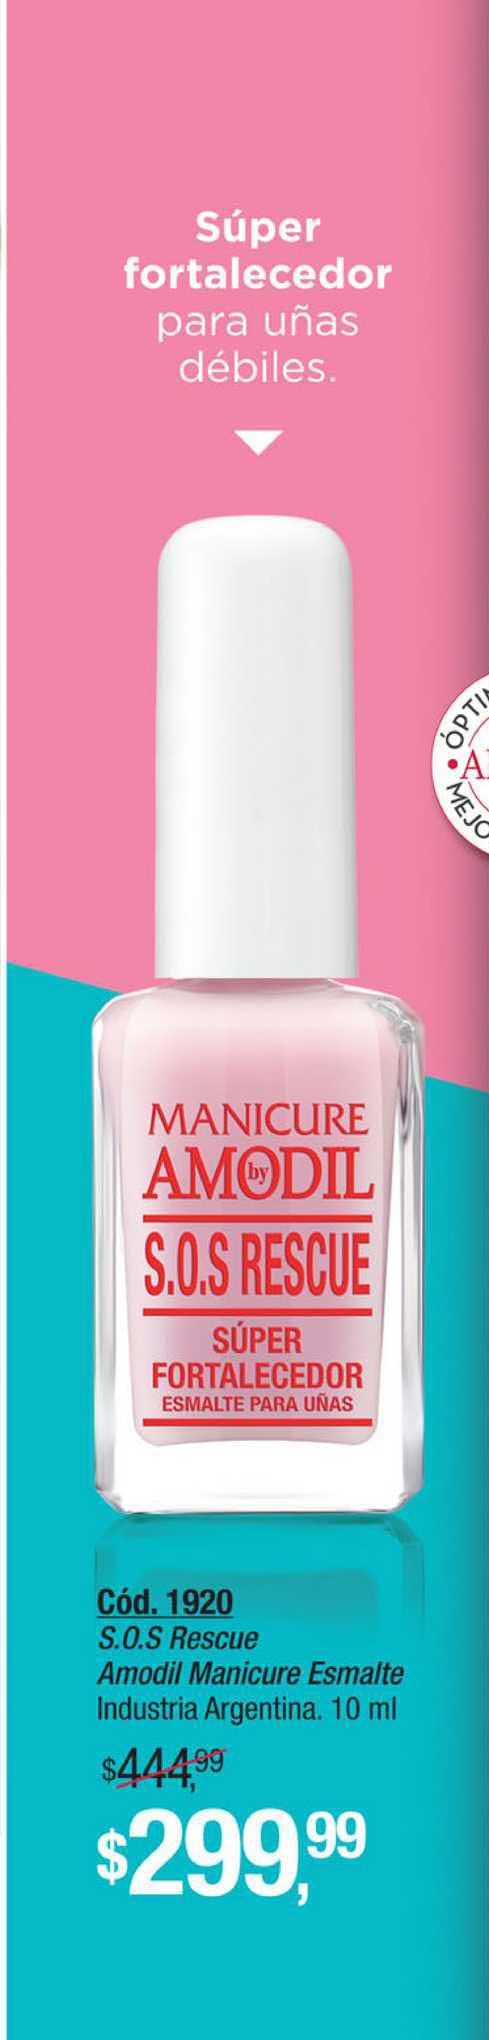 Amodil S.O.S Rescue Amodil Manicure Esmalte